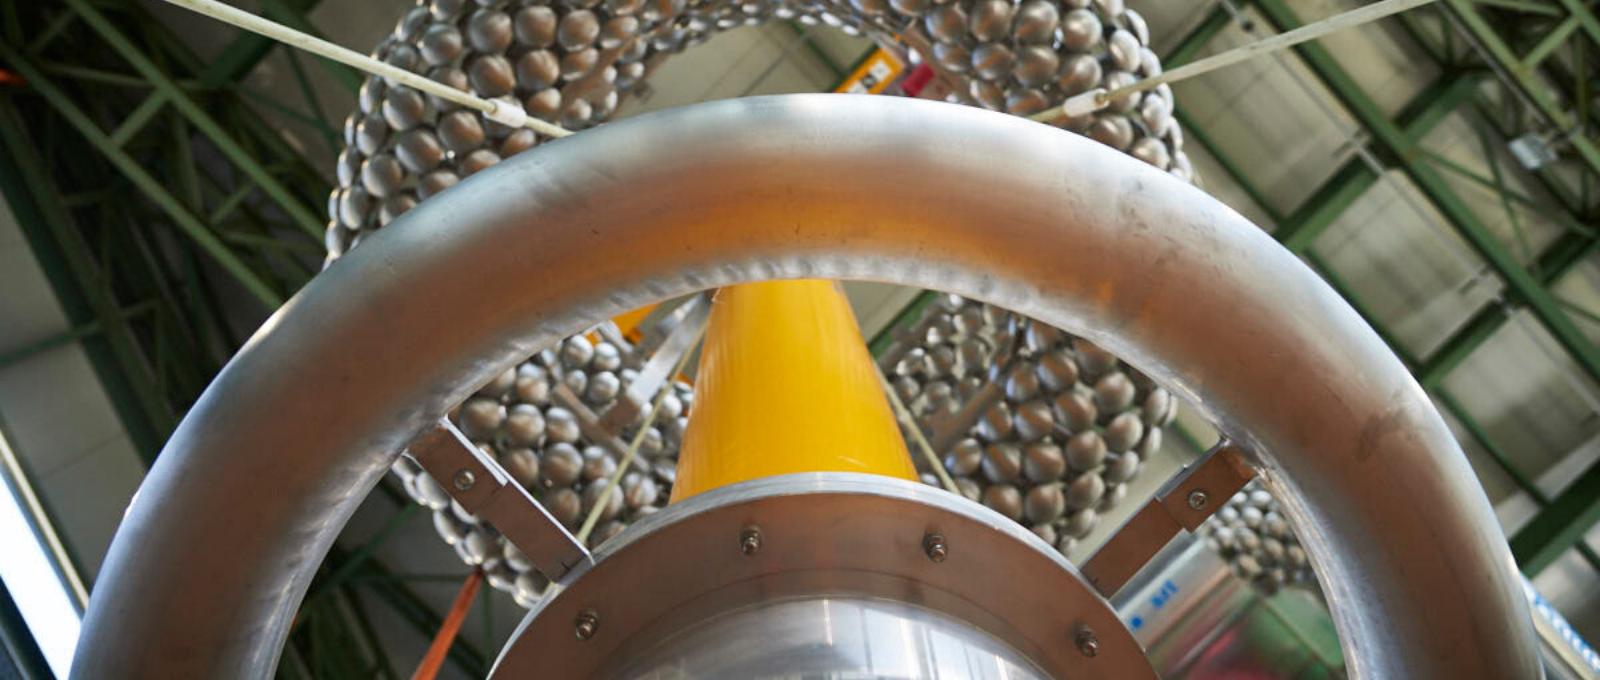 Prysmian si aggiudica anche il SuedLink, il terzo e più grande corridoio energetico in Germania